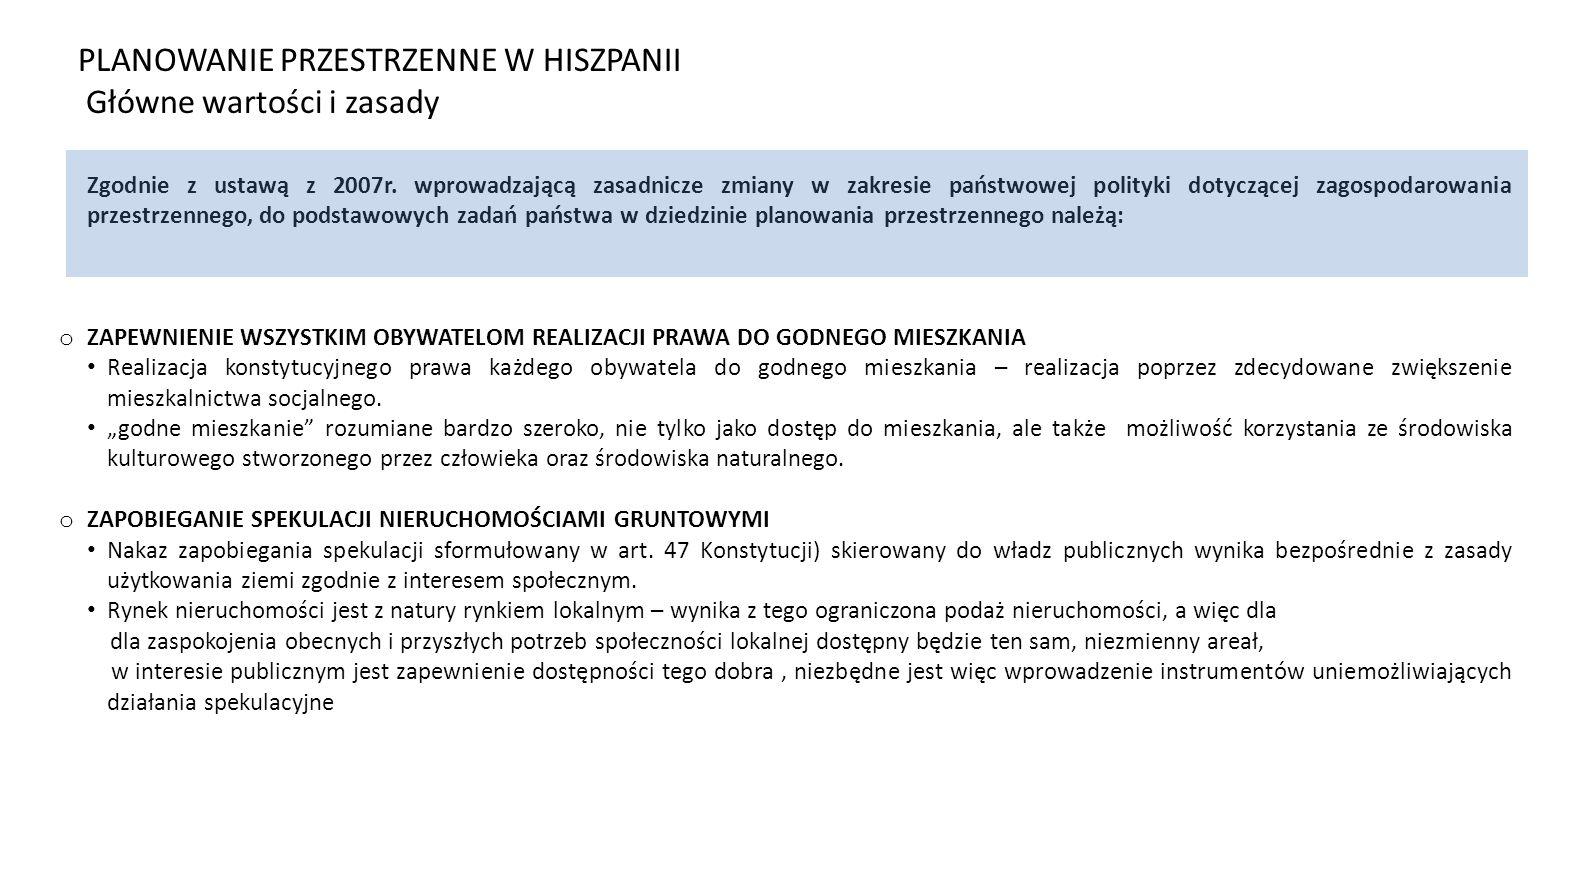 Zgodnie z ustawą z 2007r. wprowadzającą zasadnicze zmiany w zakresie państwowej polityki dotyczącej zagospodarowania przestrzennego, do podstawowych z